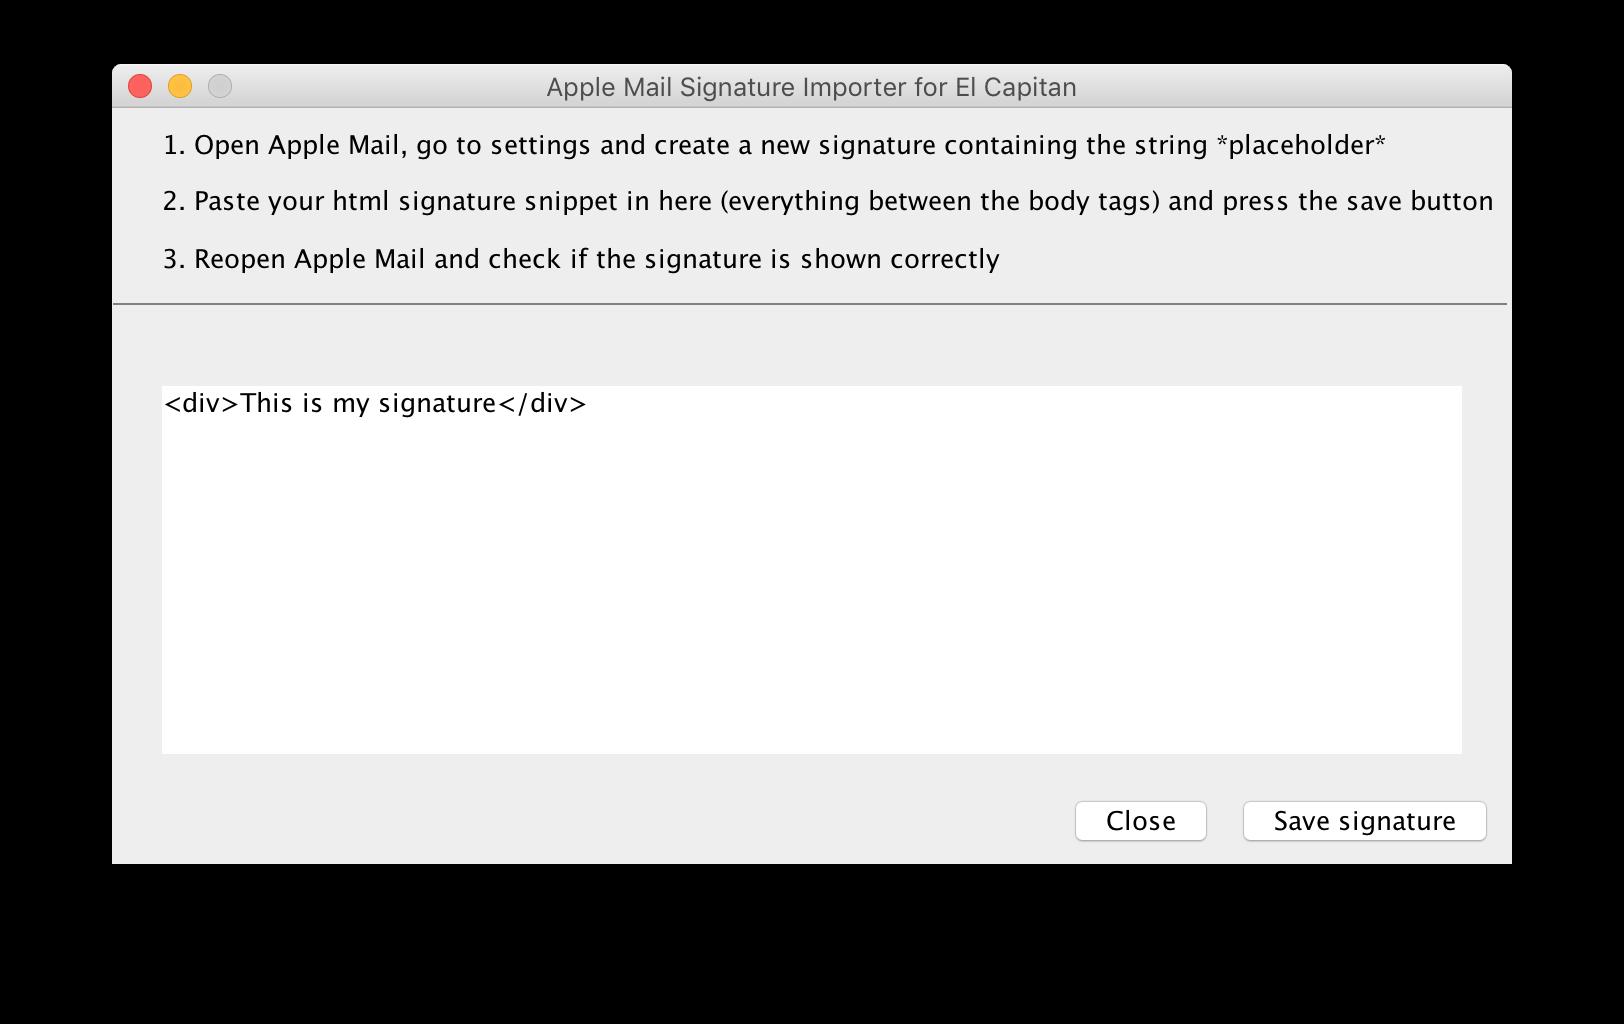 Tool zum Importieren einer Signatur in Apple Mail